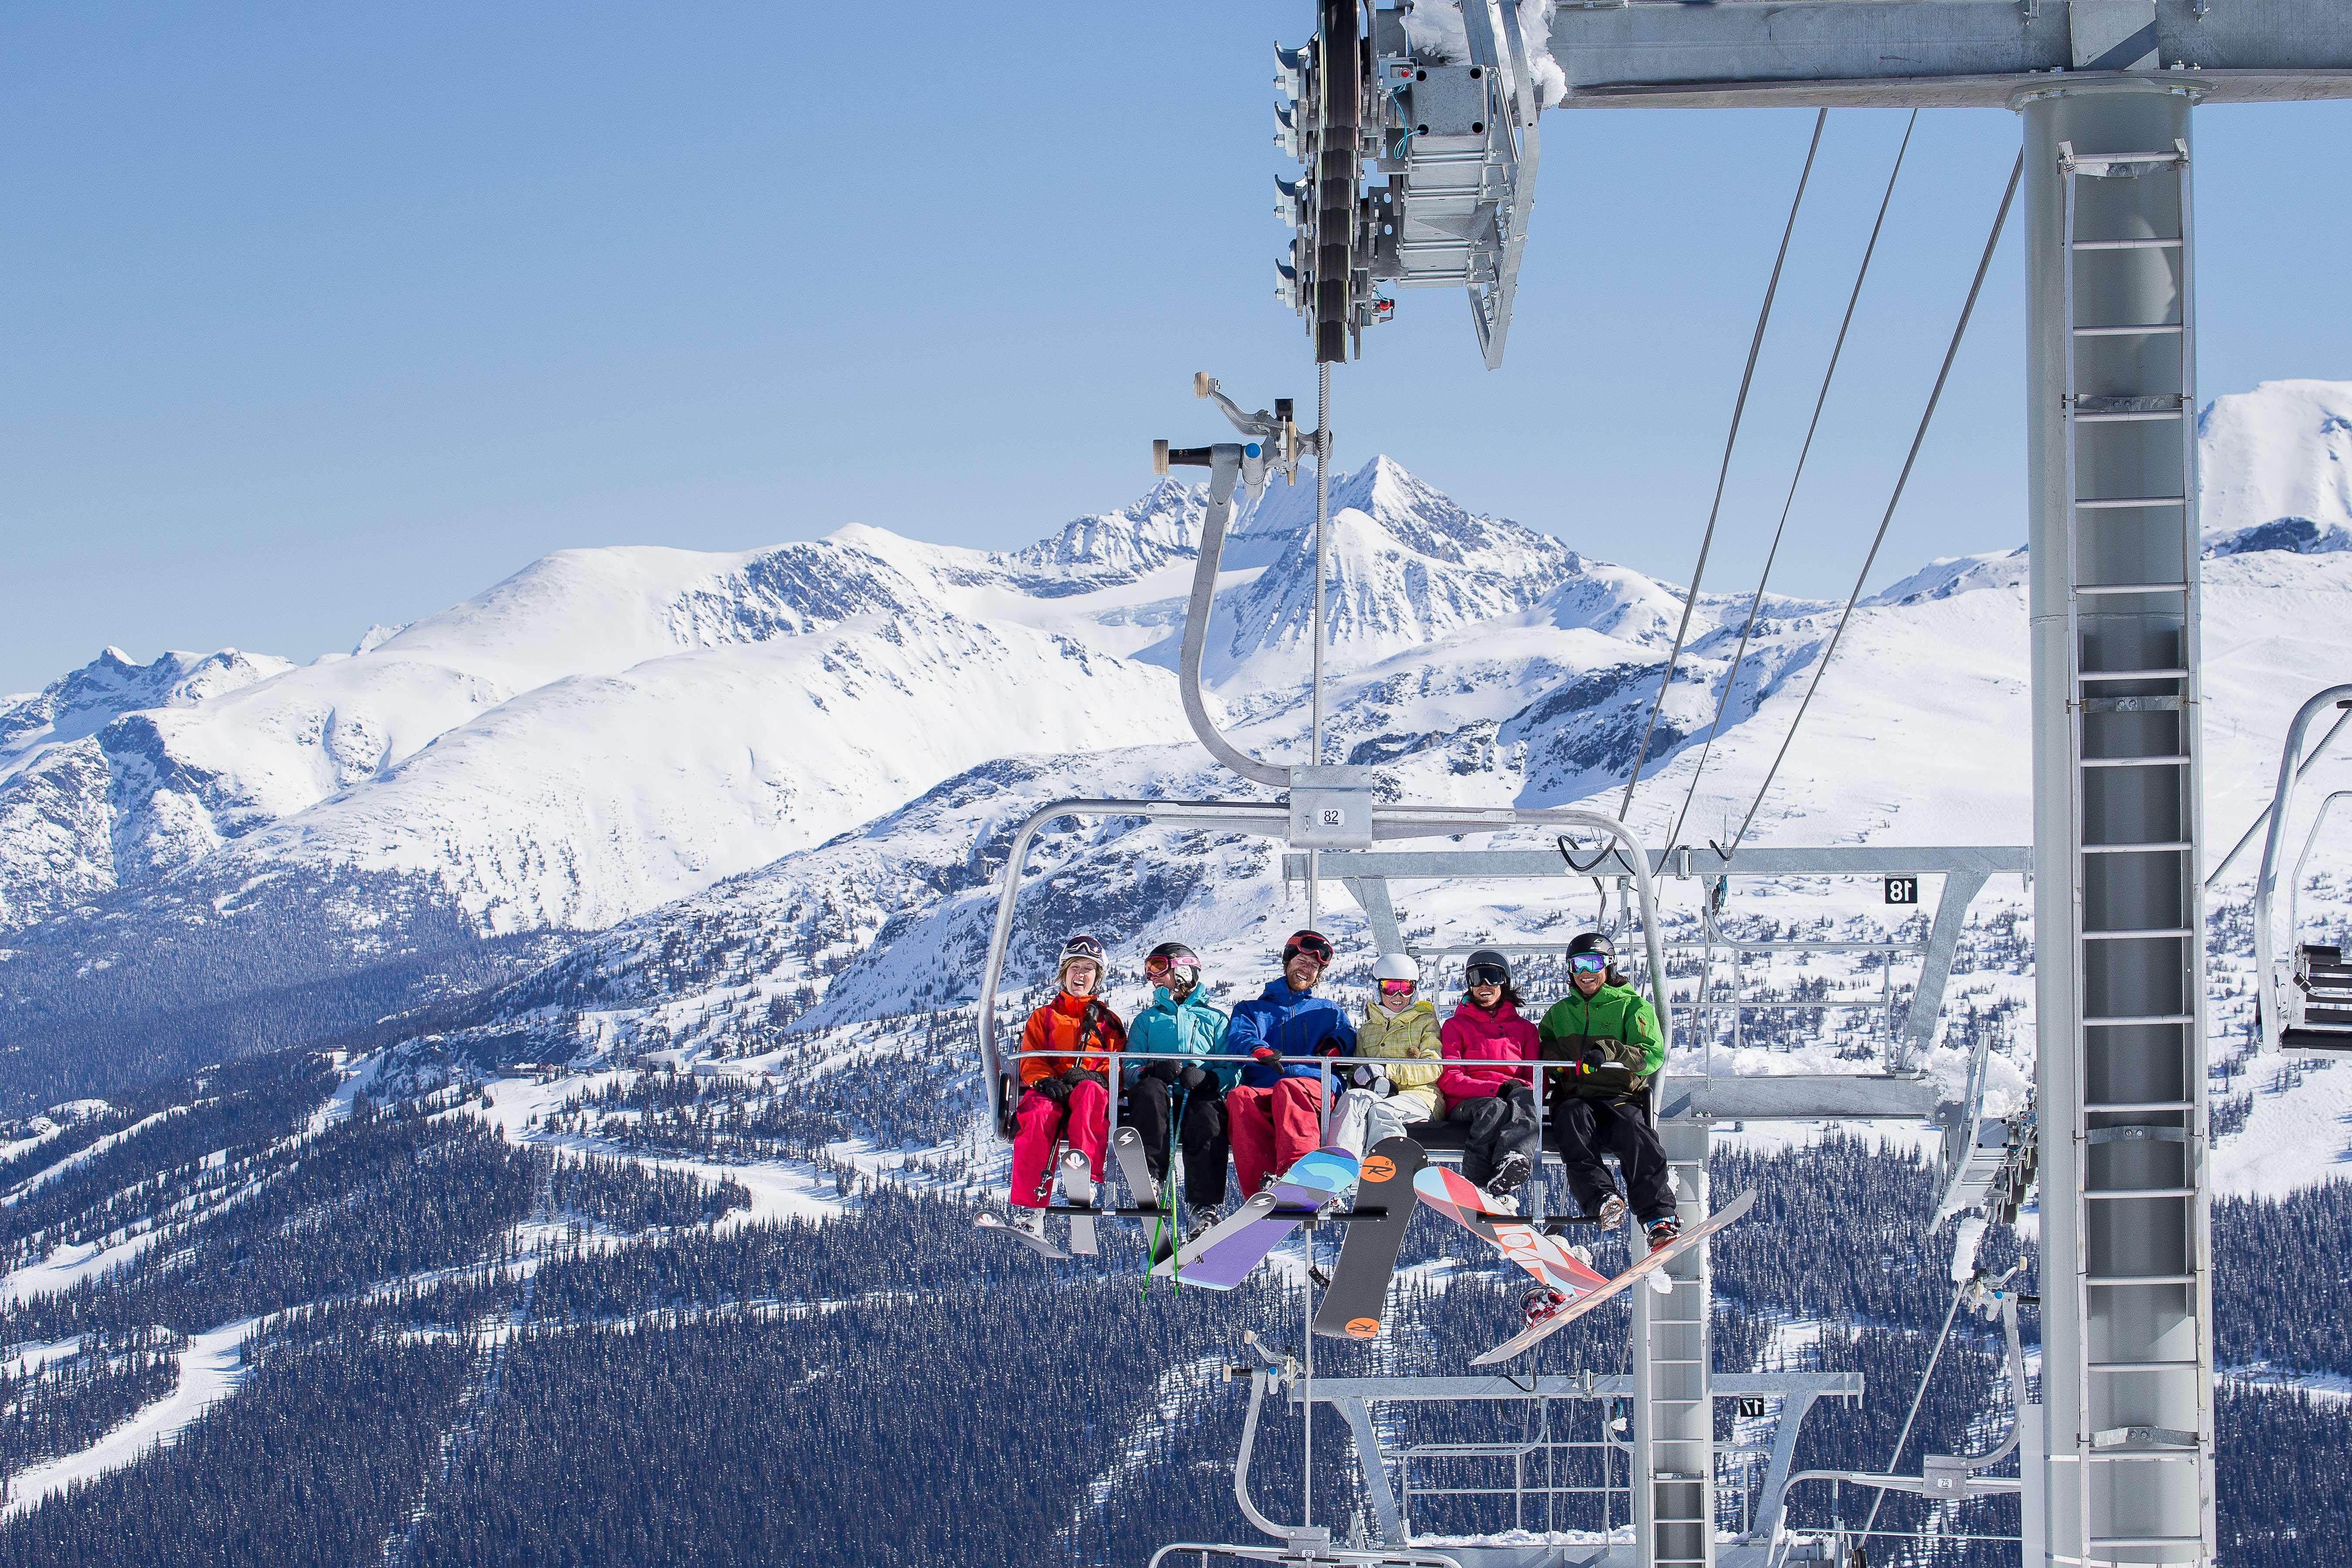 Letní lyžařské středisko na ledovci Whistler, Kanada